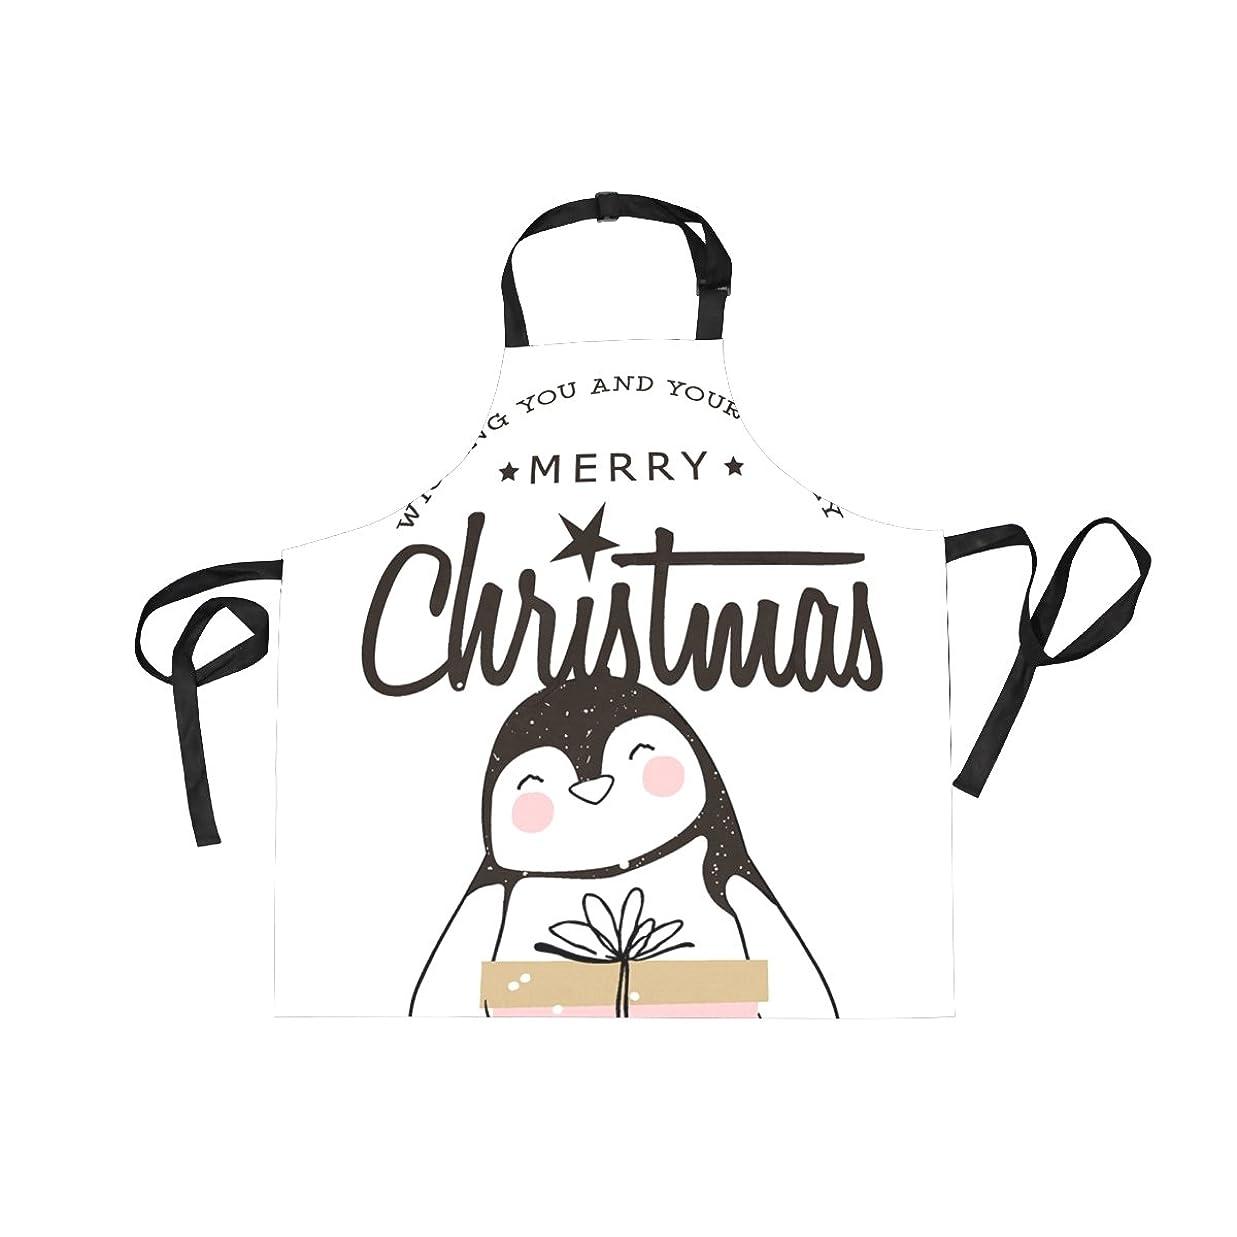 ピービッシュ買う移住するエプロン h型 撥水 75cm 首かけ ボーダー ペンギン シンプル 丈夫 ポケット付き 女性 男性 男女共用 子供エプロン kids キッズ キャラクター